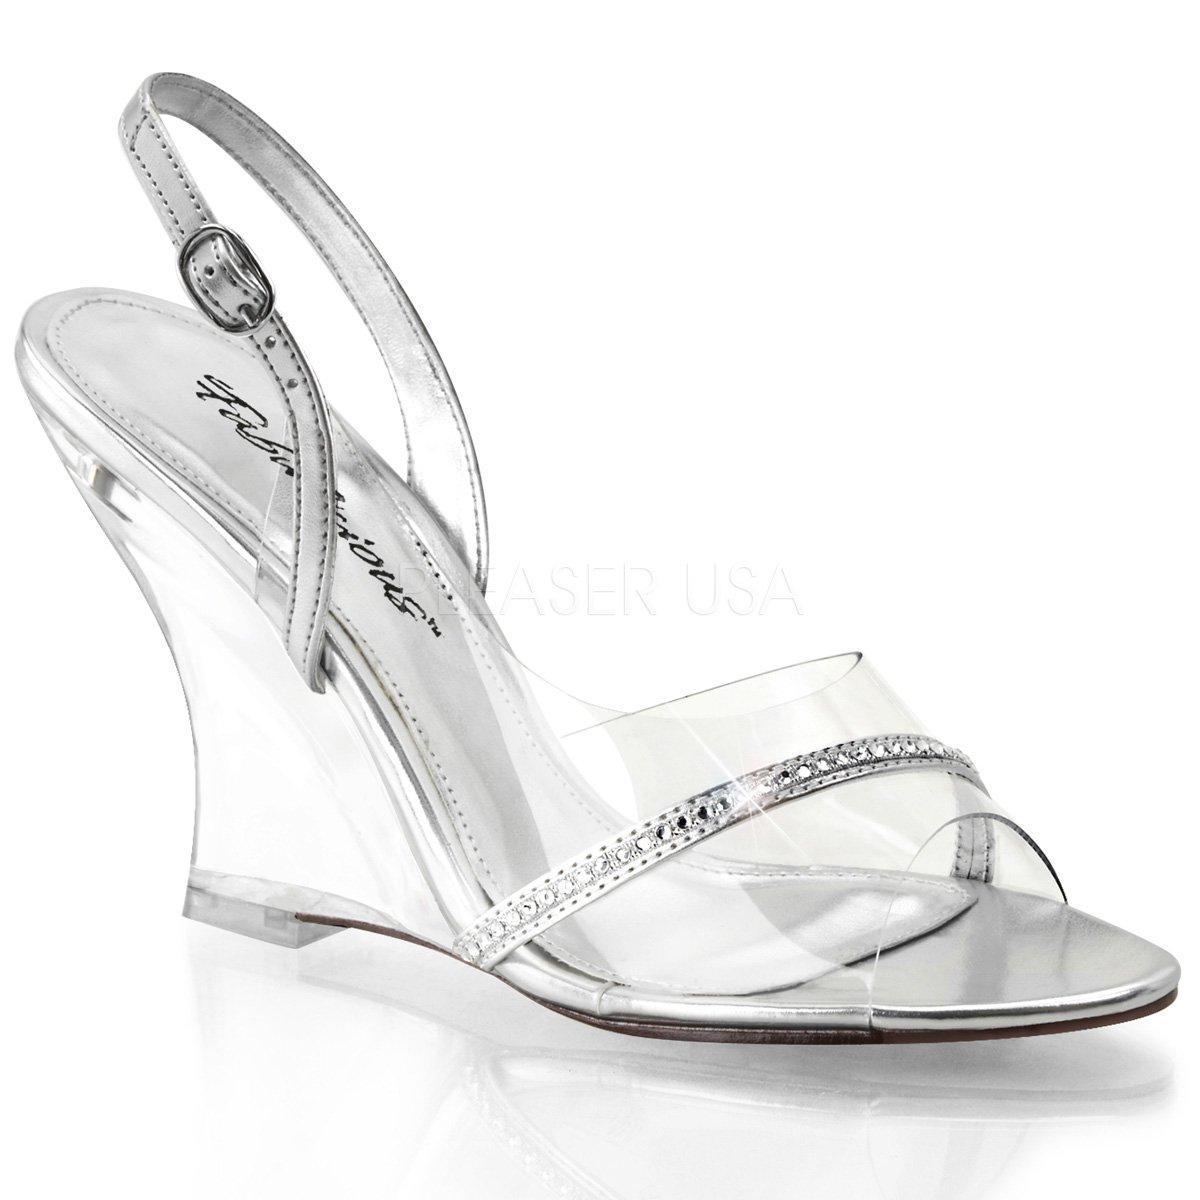 LOVELY-456 Průhledné společenské dámské sandálky na klínku  64ac6a17e8